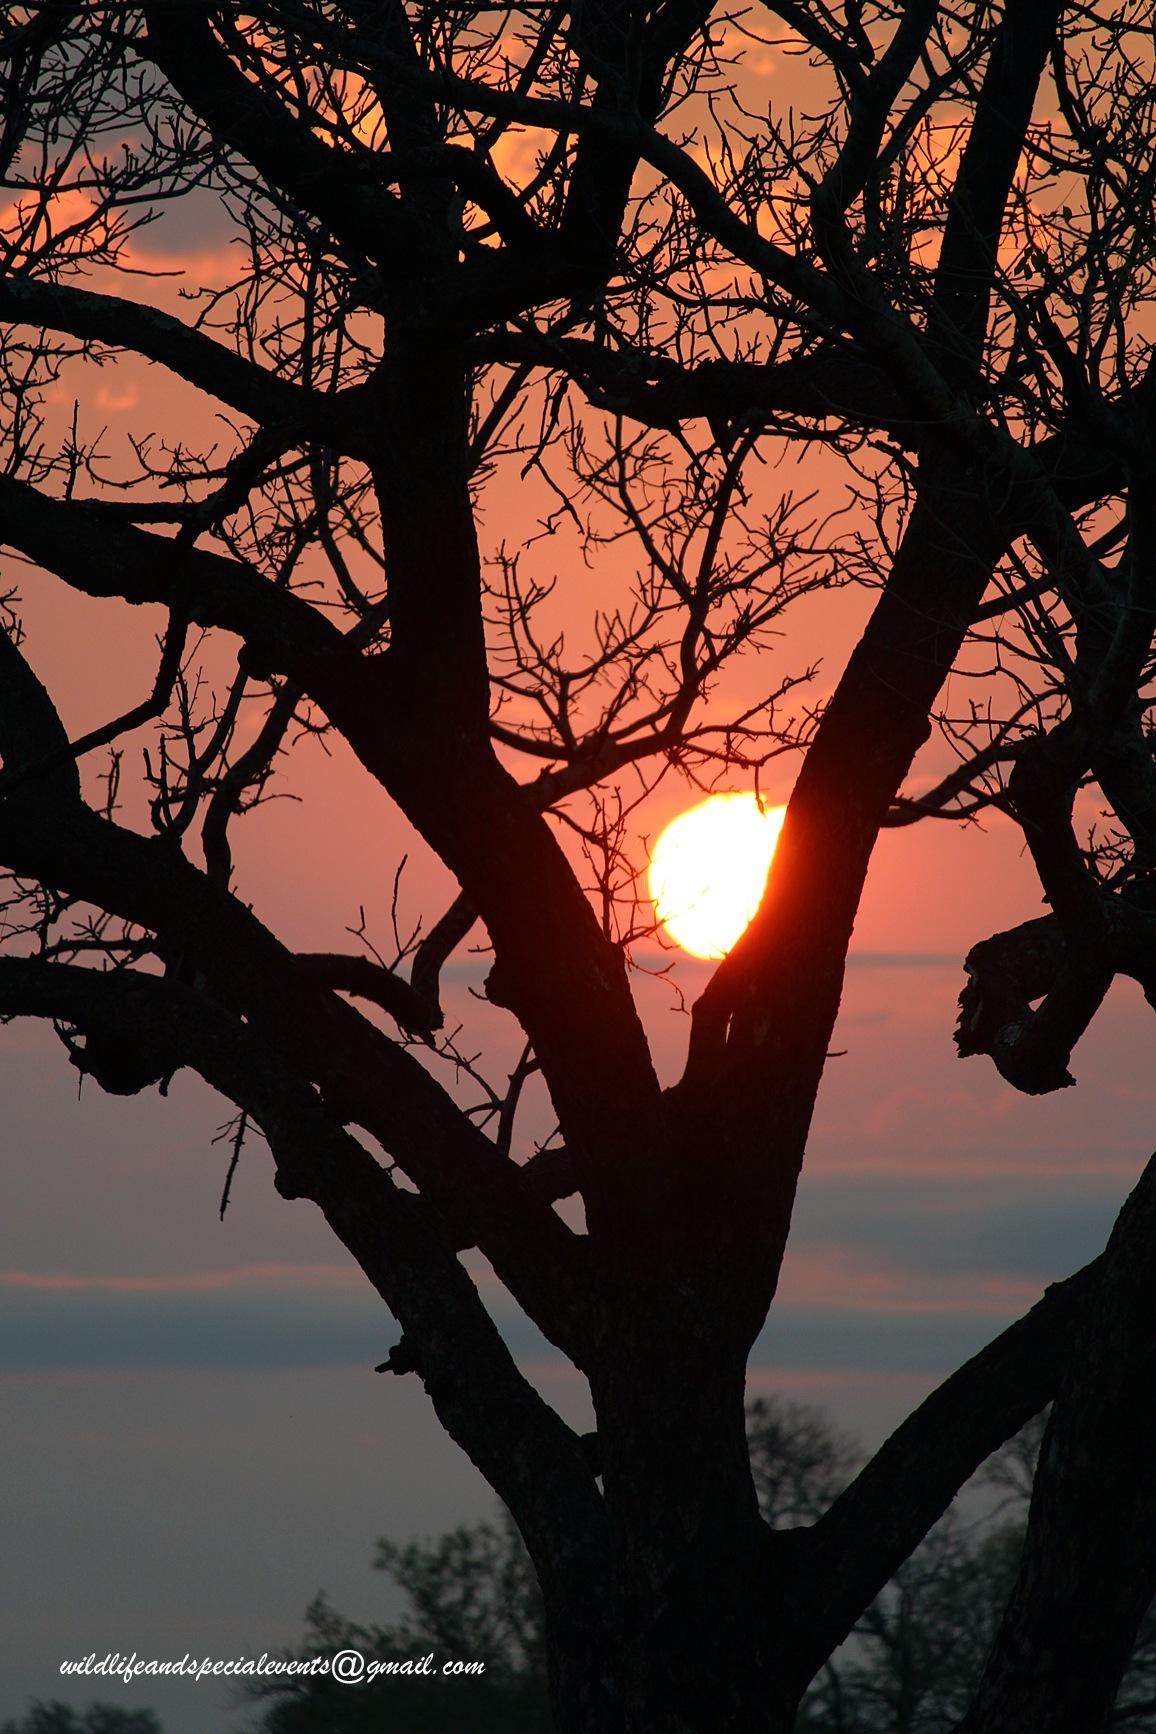 The sunrise tree by oosie